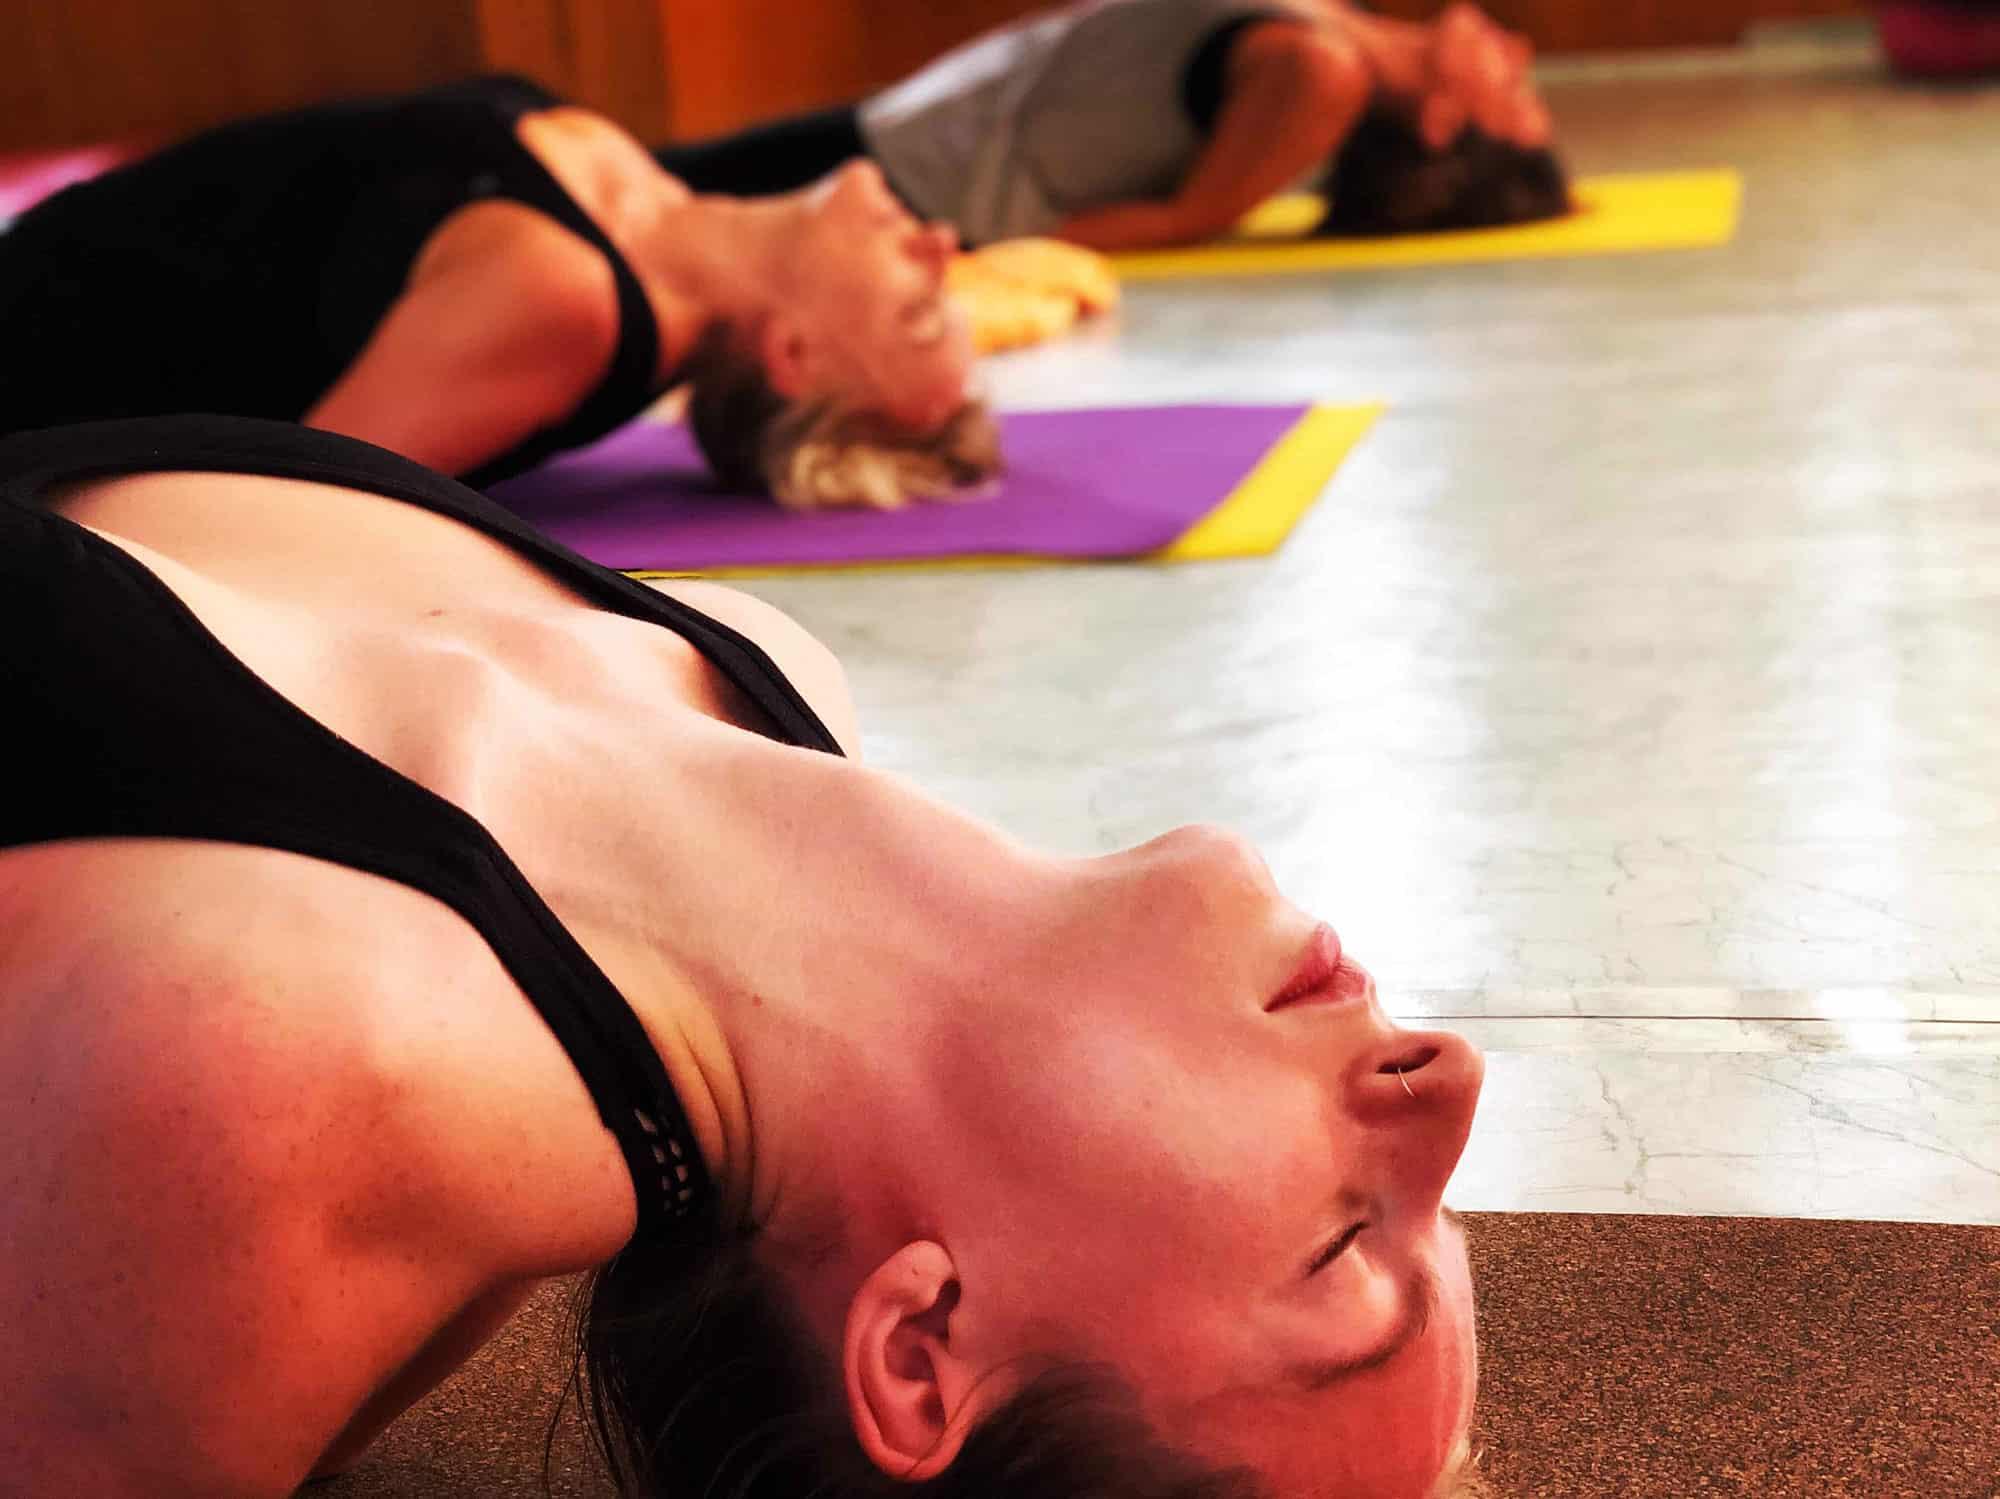 A Girl doing hatha yoga asana